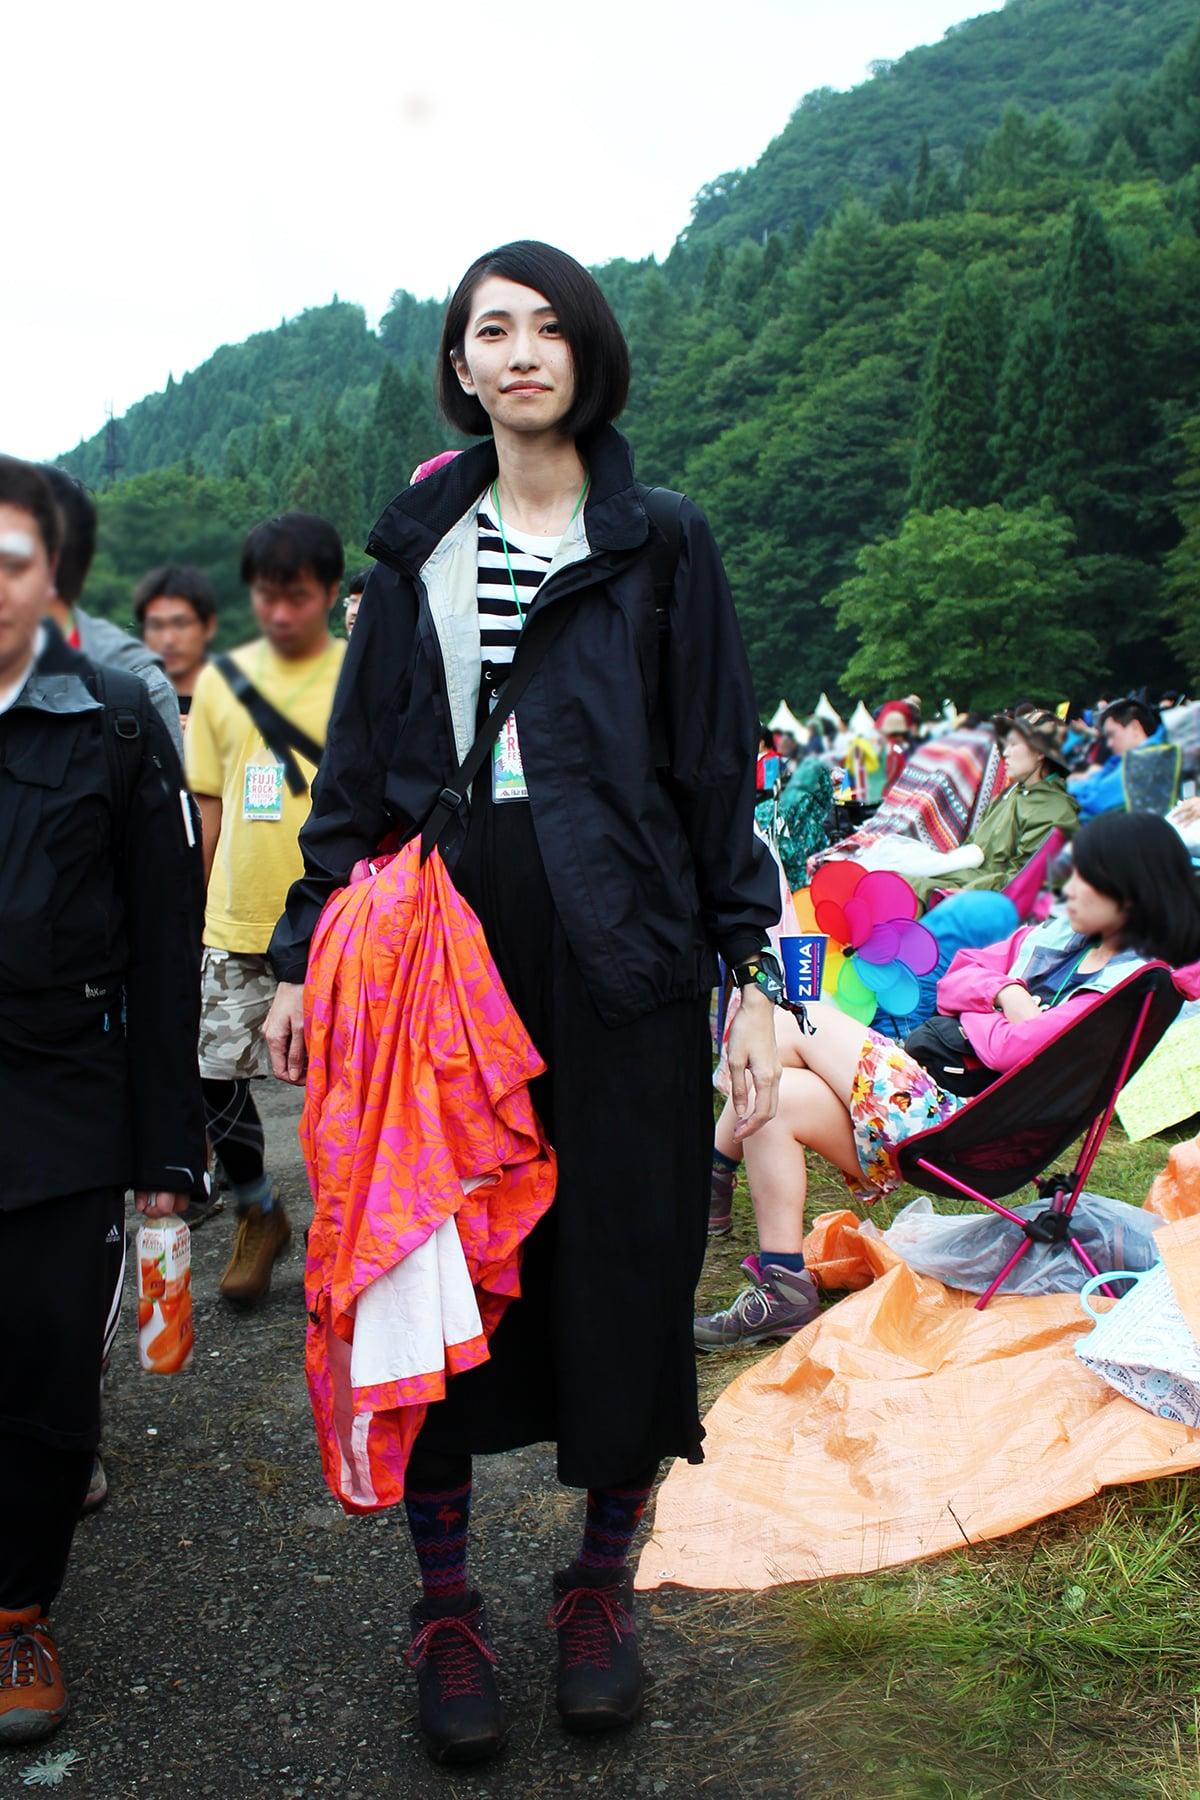 005_1 <フジロック'17>雨でも晴れでも120%楽しめる!音楽好きの足元&ファッションスナップ!